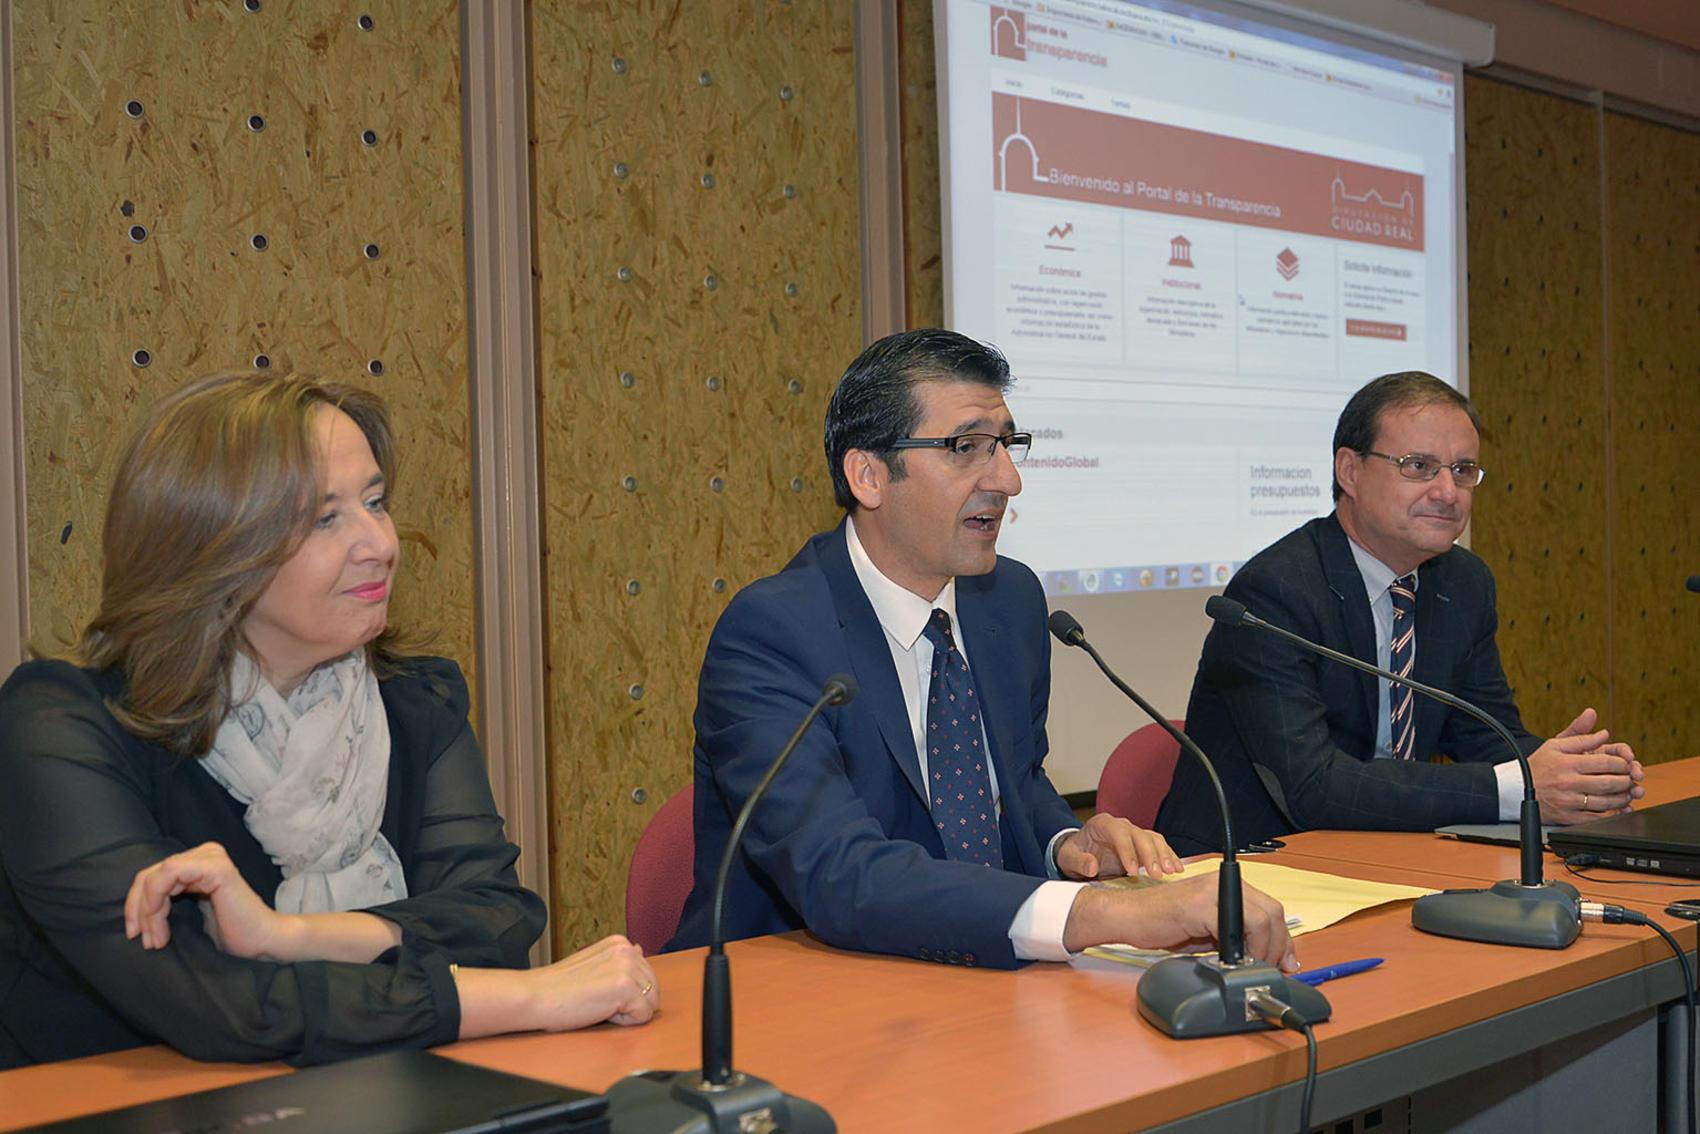 Hacienda pide autorización para utilizar la Diputación como ejemplo de transparencia